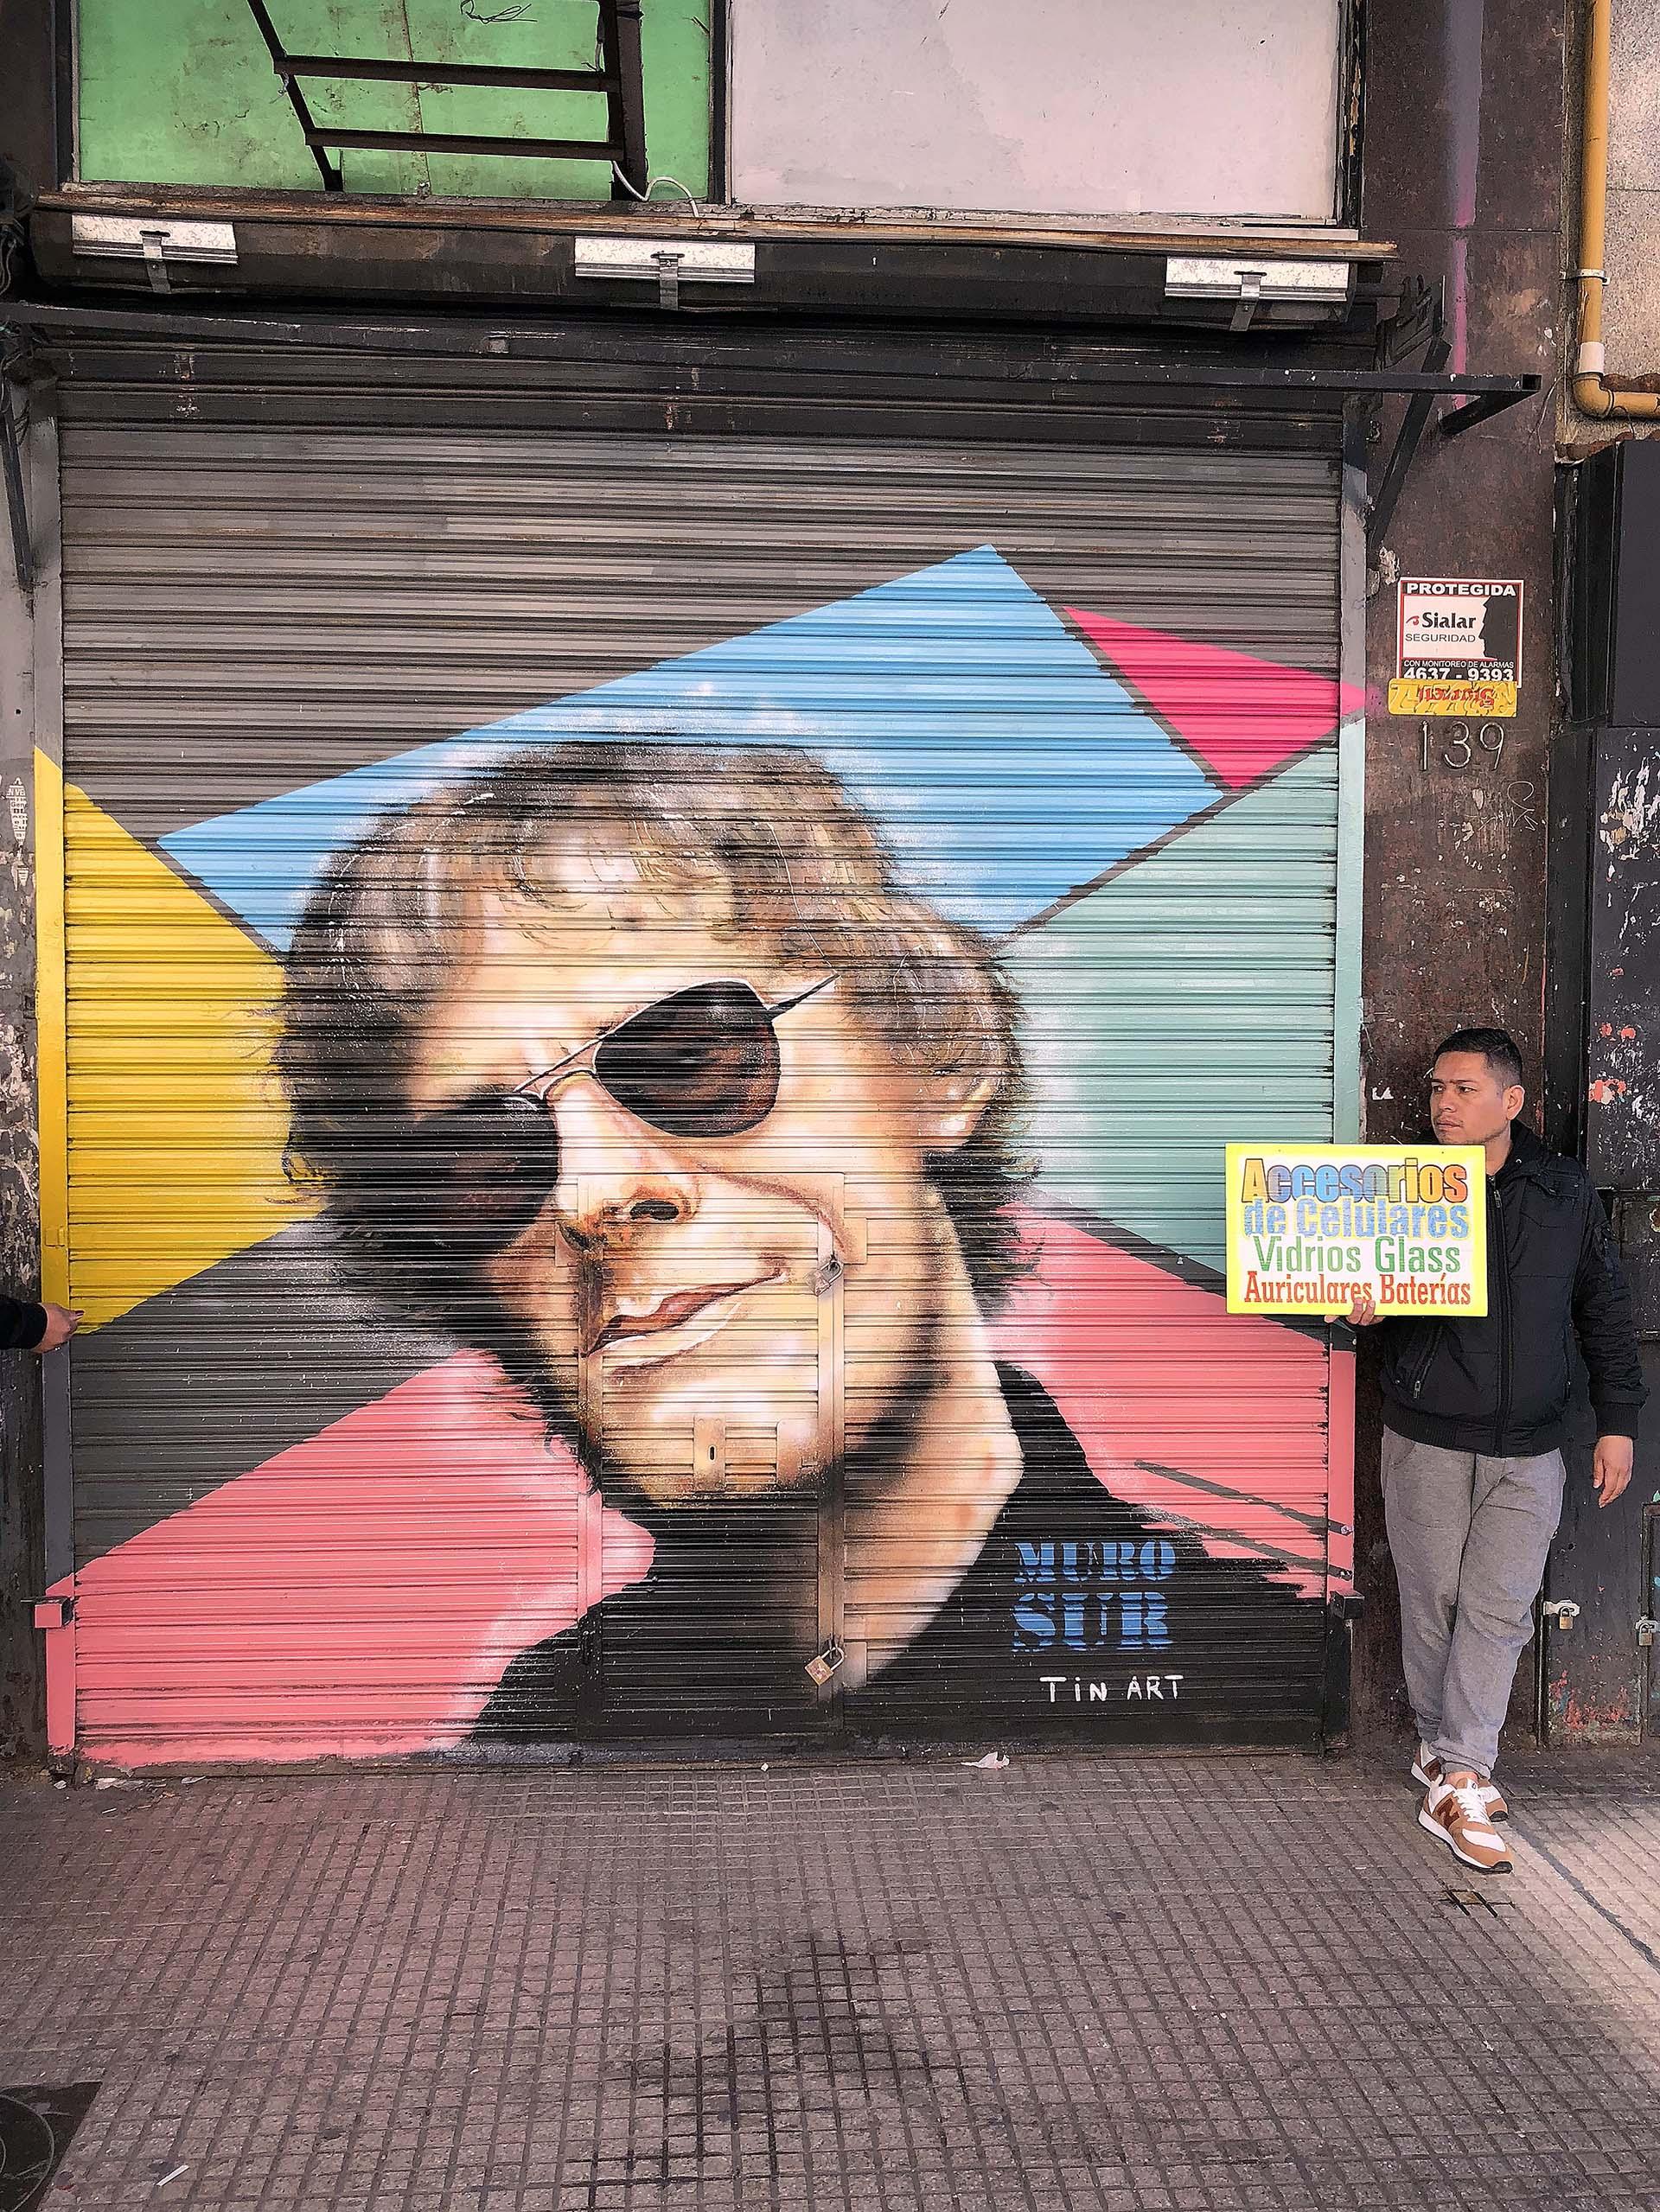 La iniciativa Muro Sur es de embellecimiento urbano. Convocaron a artistas para decorar las persianas de Once con célebres músicos argentinos. Tin Art inspiró la foto de Vernazza: